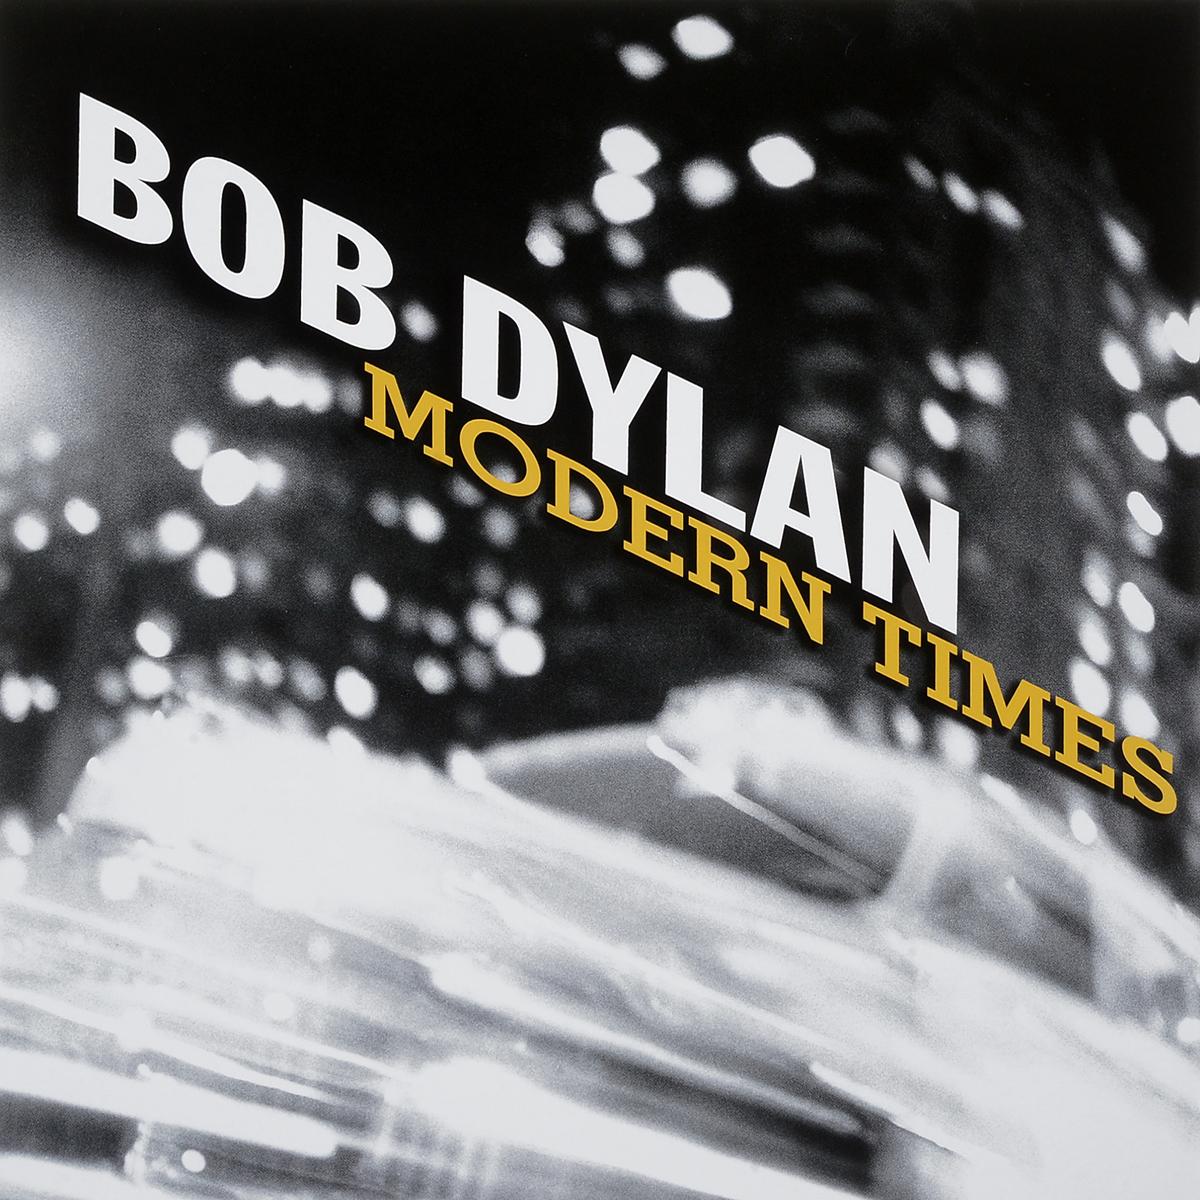 Боб Дилан Bob Dylan. Modern Times (2 LP) боб дилан левон хелм робби робертсон гарт хадсон dylan bob